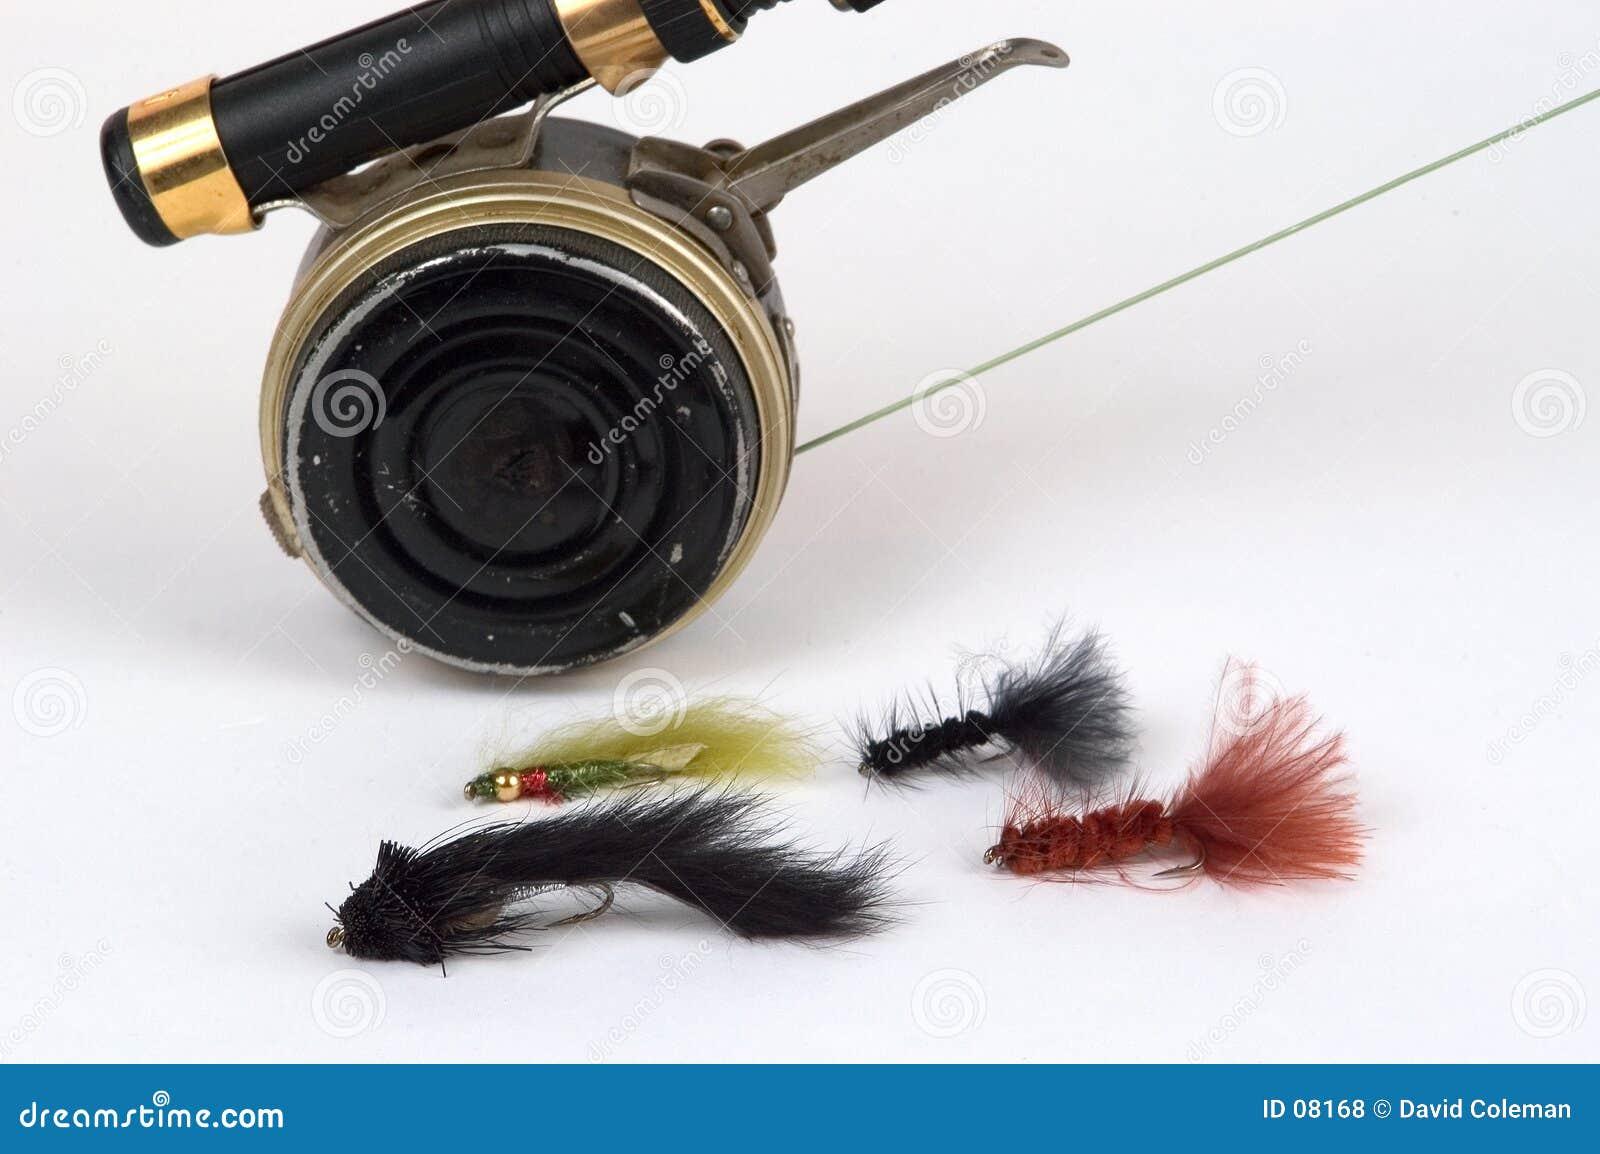 Asta, bobina e mosche di mosca